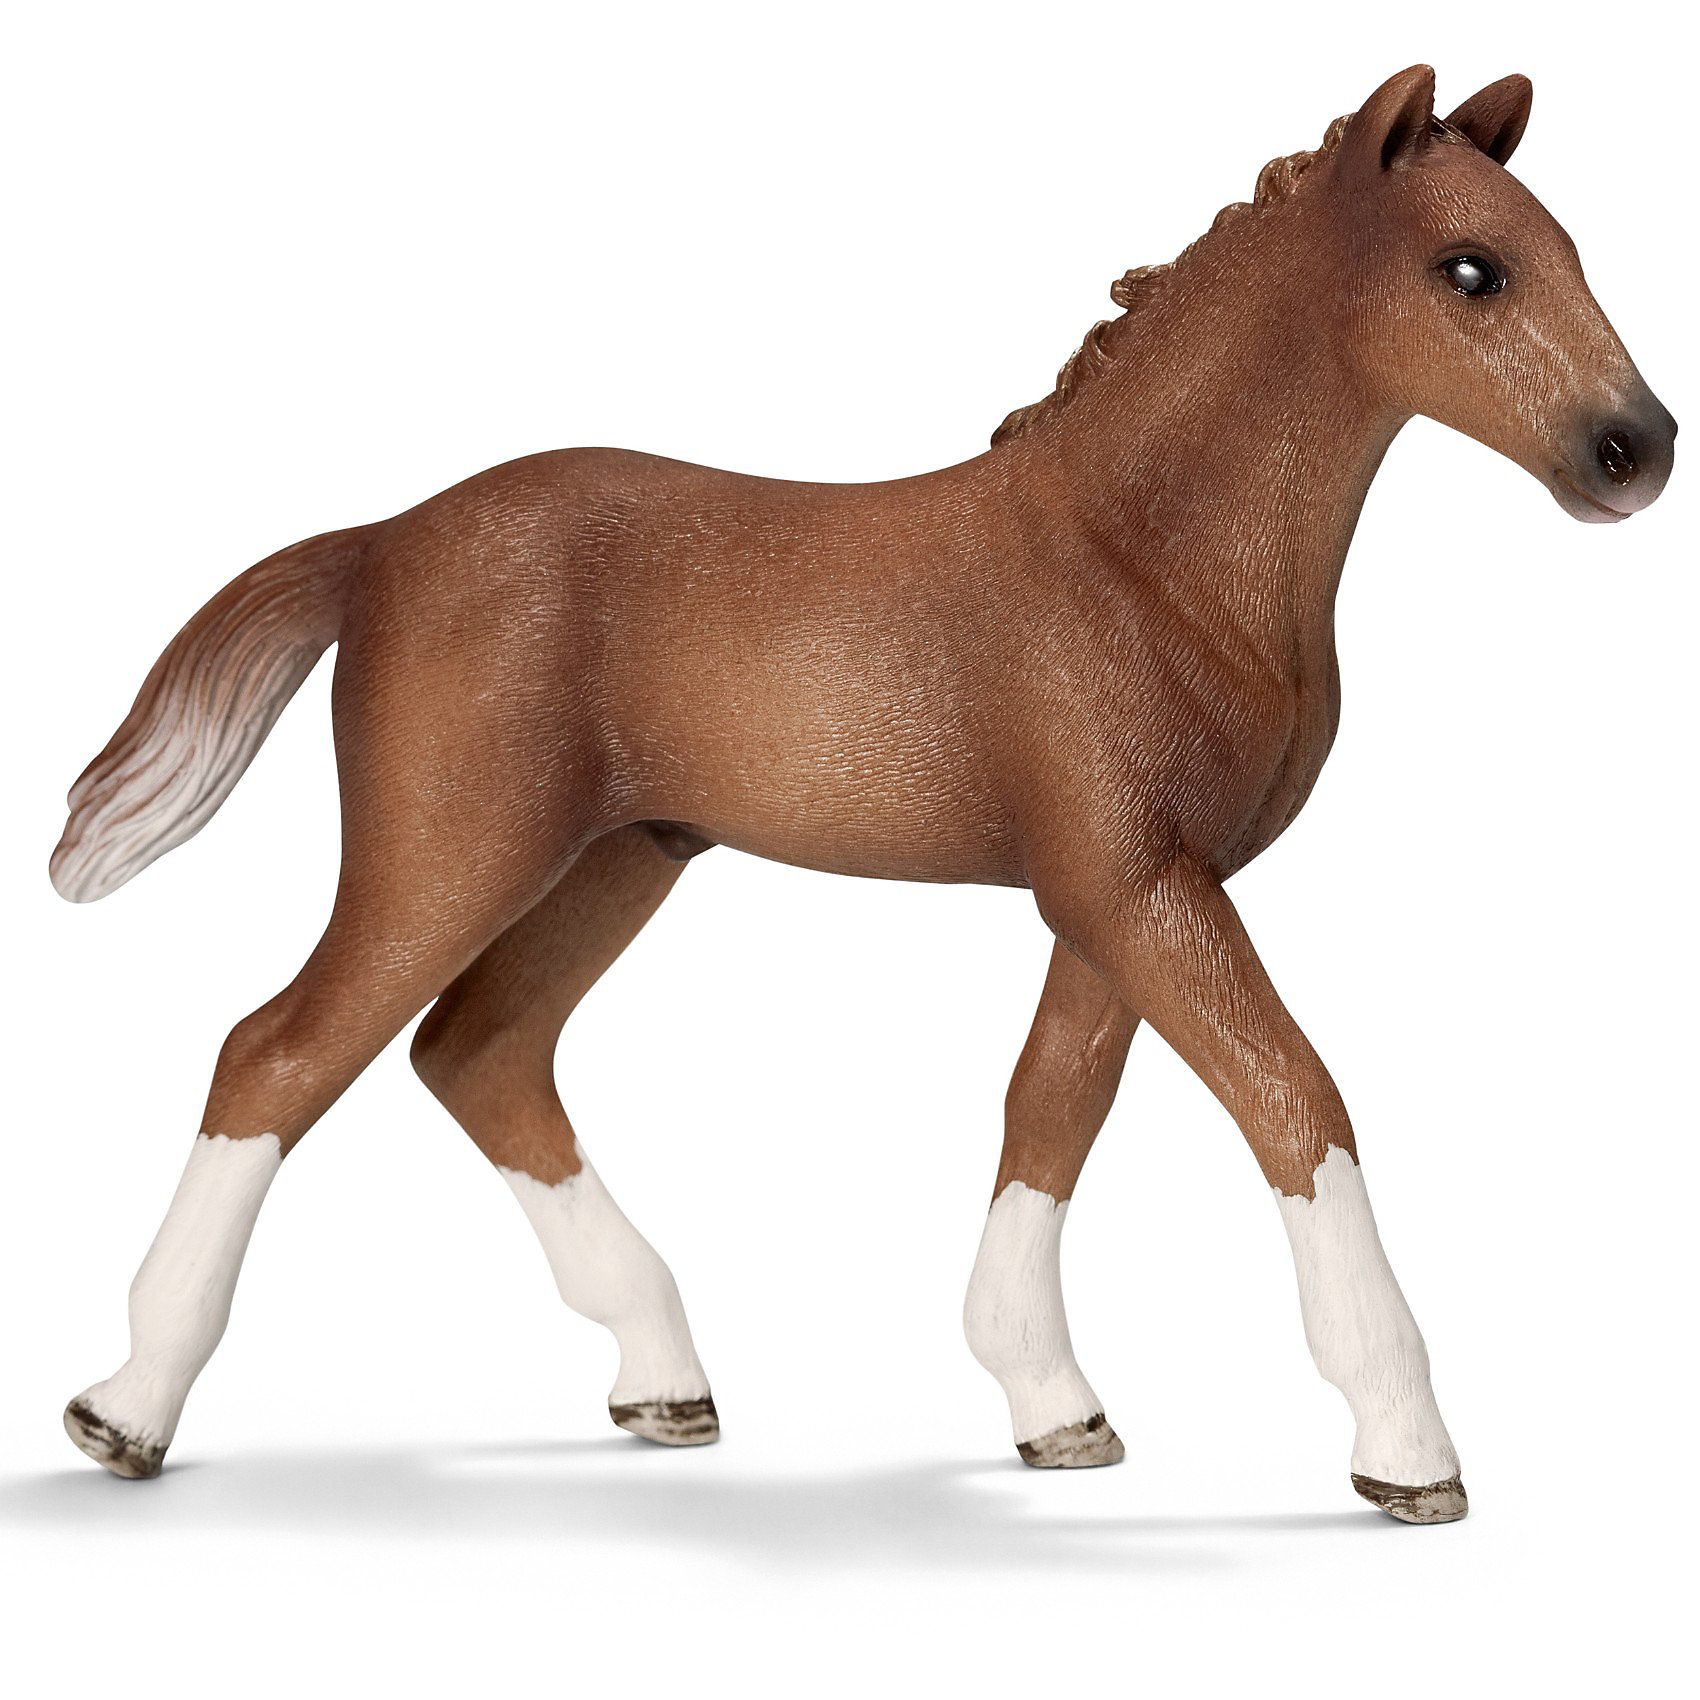 Гановерский жеребенок, SchleichМир животных<br>Ганноверский жеребенок, Schleich (Шляйх) – это высококачественная коллекционная и игровая фигурка.<br><br>Ганноверский жеребенок из благородной спортивной породы лошадей. Порода разводится в Германии с 1735 года. Она превосходно подходит для выездки и конкура. Ганноверская лошадь считается самой способной в обучении, эти лошади самые понятливые, внимательные и уравновешенные. Прекрасно выполненные фигурки Schleich (Шляйх) являются максимально точной копией настоящих животных и отличаются высочайшим качеством игрушек ручной работы. Каждая фигурка разработана с учетом исследований в области педагогики.<br>Фигурка Ганноверского жеребенка прекрасно разнообразит игру вашего ребенка и станет отличным пополнением коллекции его фигурок животных.<br><br>Дополнительная информация<br><br>- Размер фигурки: 10.5 ? 2.5 ? 8.5см.<br>- Материал: высококачественный каучуковый пластик<br><br>Фигурку Ганноверская кобыла, Schleich (Шляйх) можно купить в нашем интернет-магазине.<br><br>Ширина мм: 151<br>Глубина мм: 96<br>Высота мм: 27<br>Вес г: 48<br>Возраст от месяцев: 36<br>Возраст до месяцев: 96<br>Пол: Женский<br>Возраст: Детский<br>SKU: 2609283